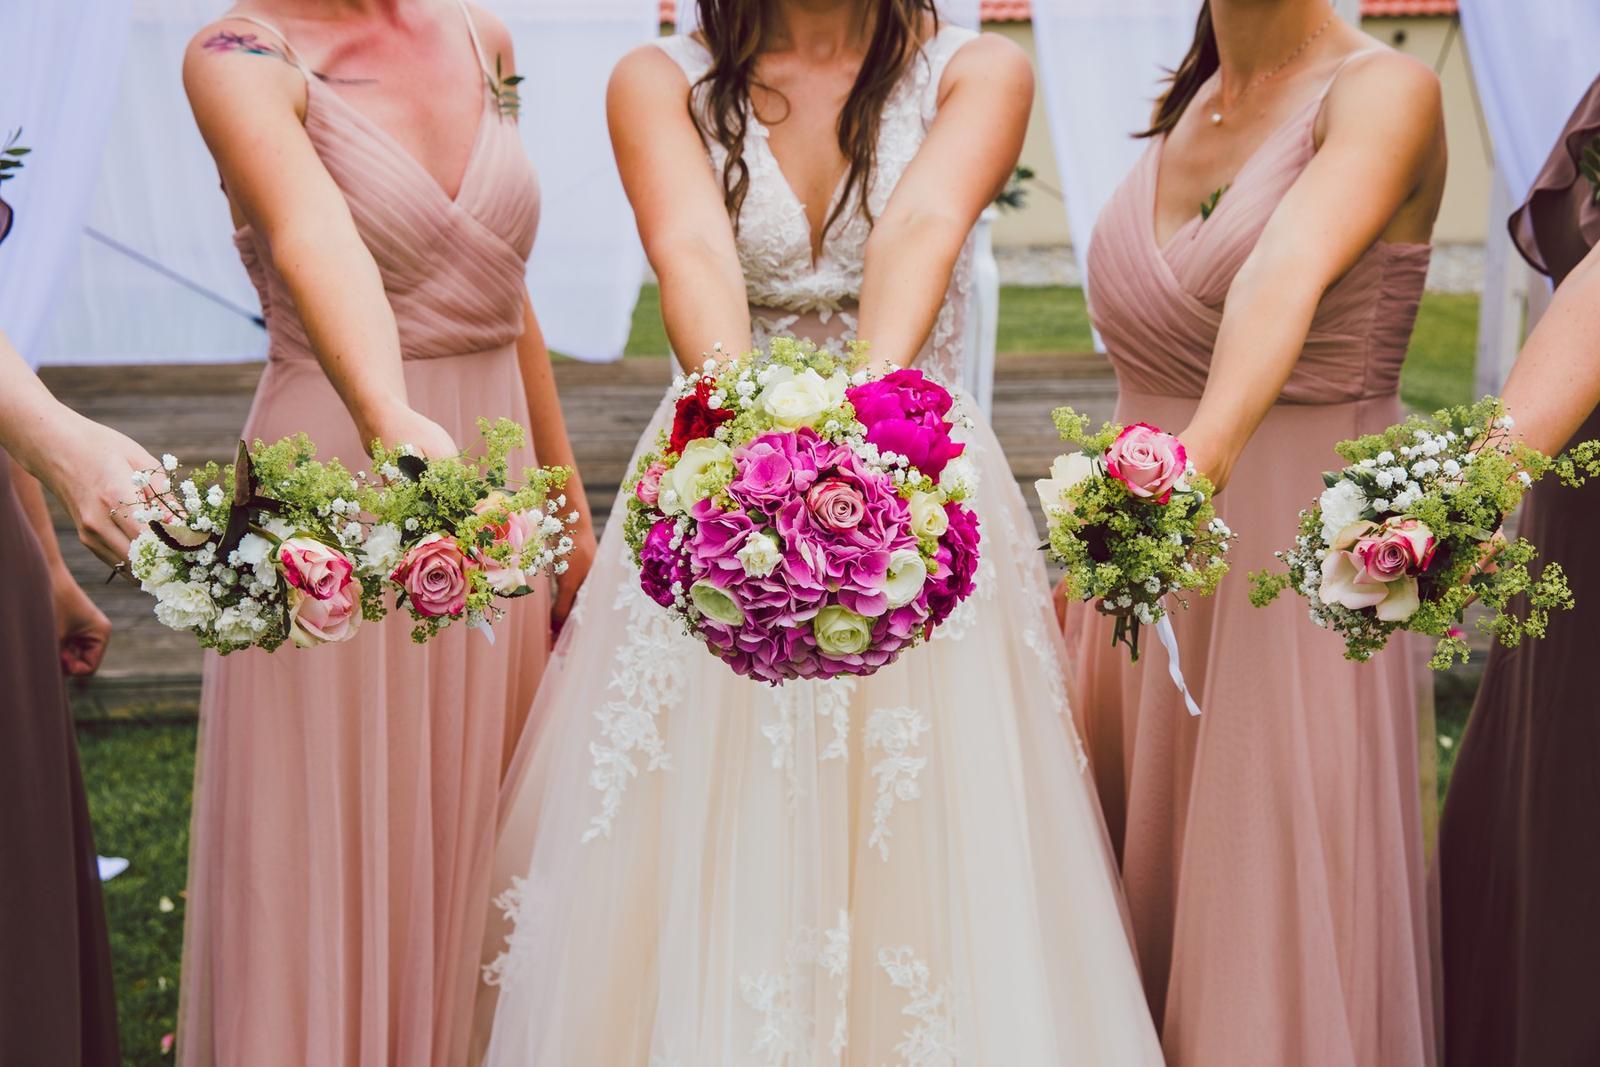 Svatební detaily - svatební kytice družiček a nevěsty - detail